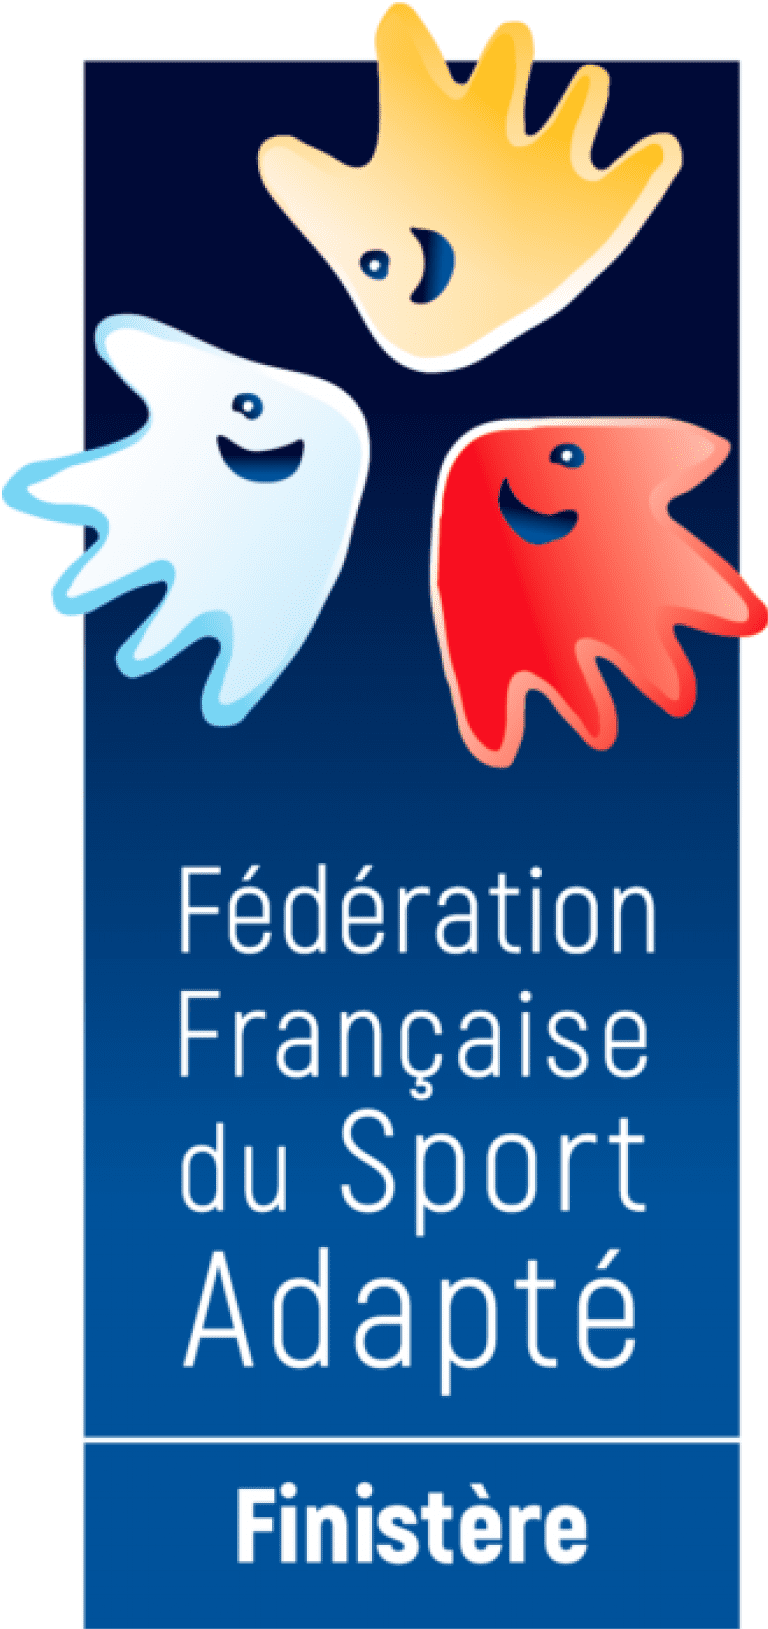 Comité Départemental de Sport Adapté du Finistère